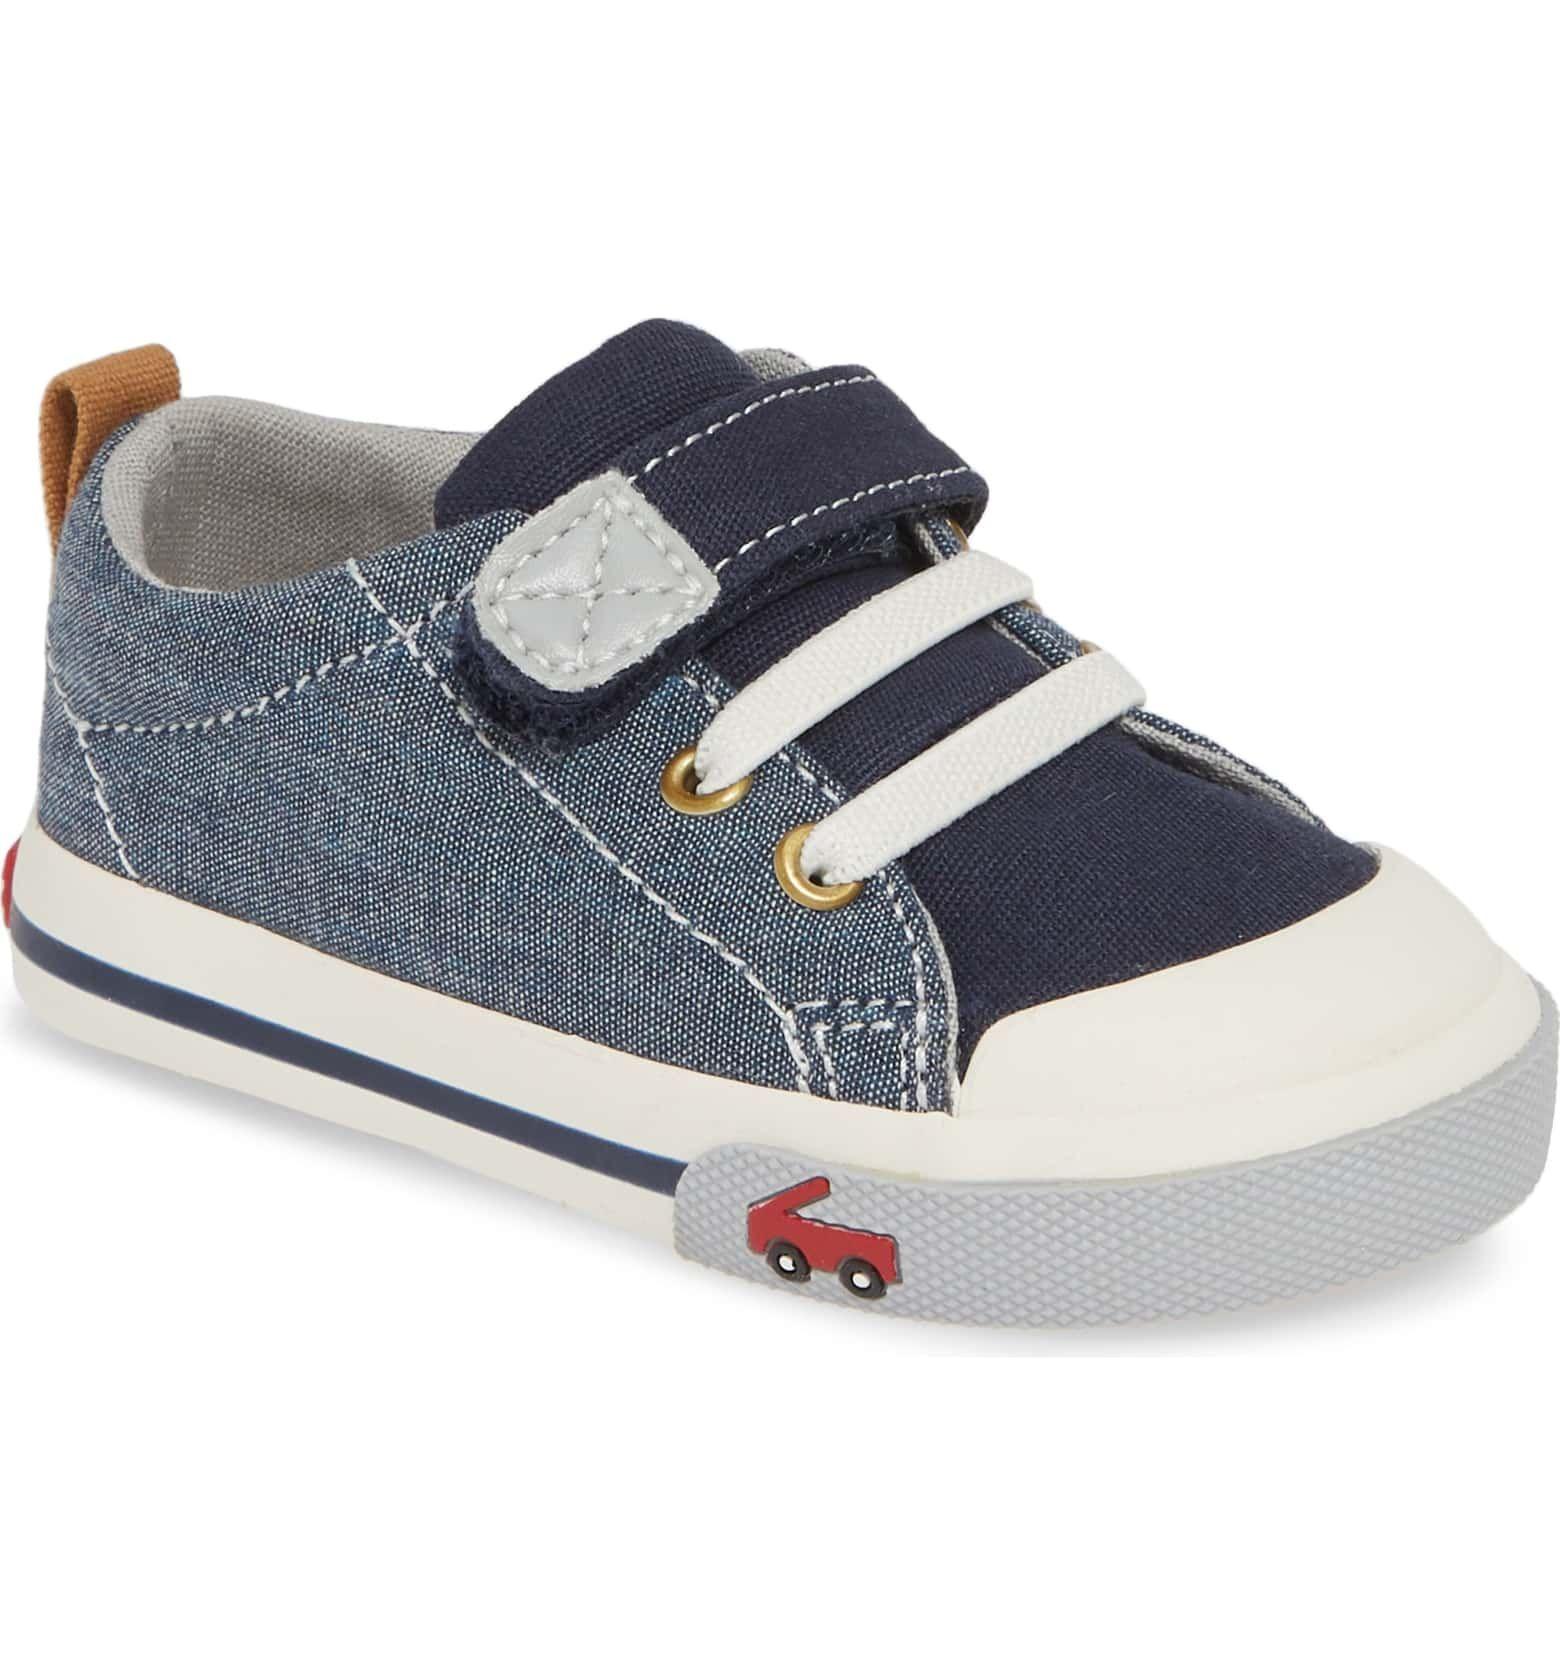 kai run shoes sale